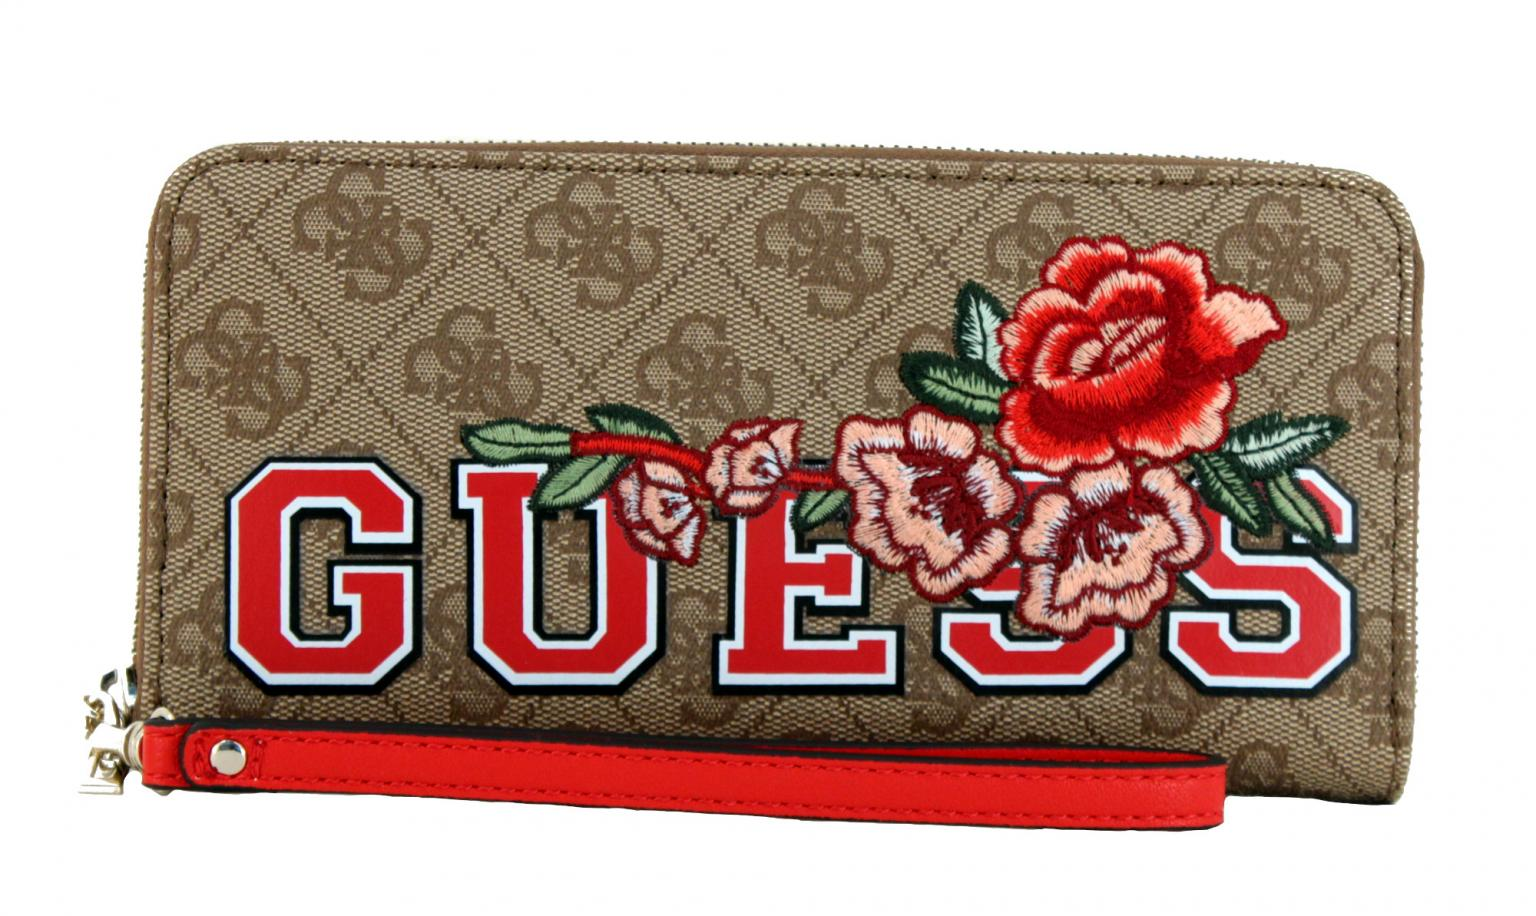 96f7bd40e514 Guess Vikky Portemonnaie Logo Floral bestickt Blumen braun - Bags   more